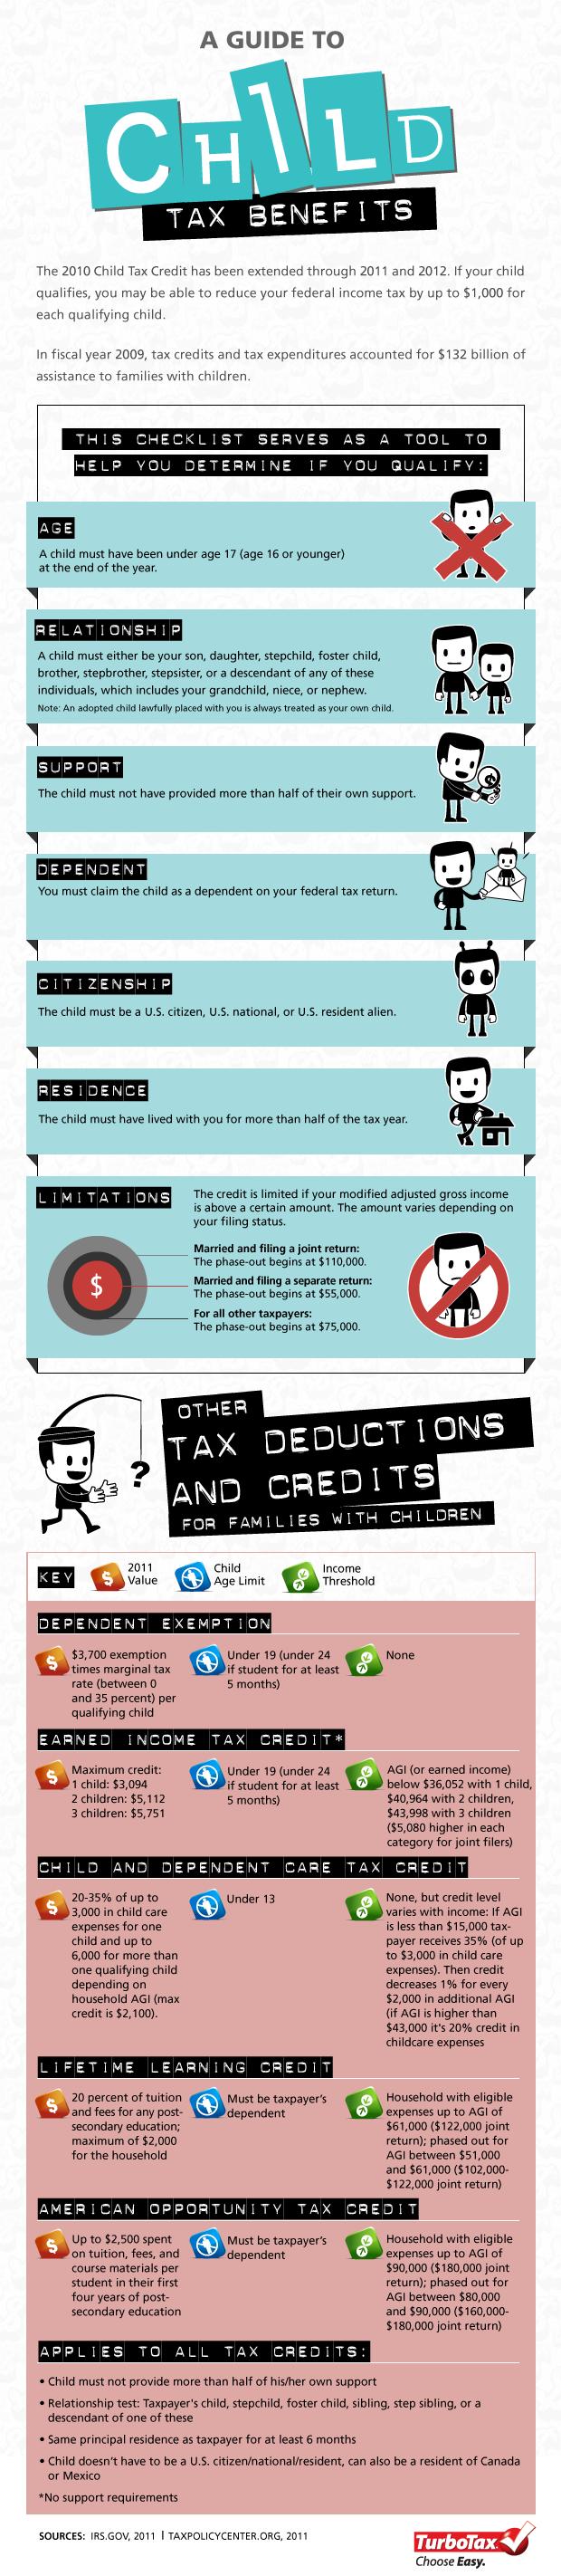 Turbotax-Child-tax-benefits